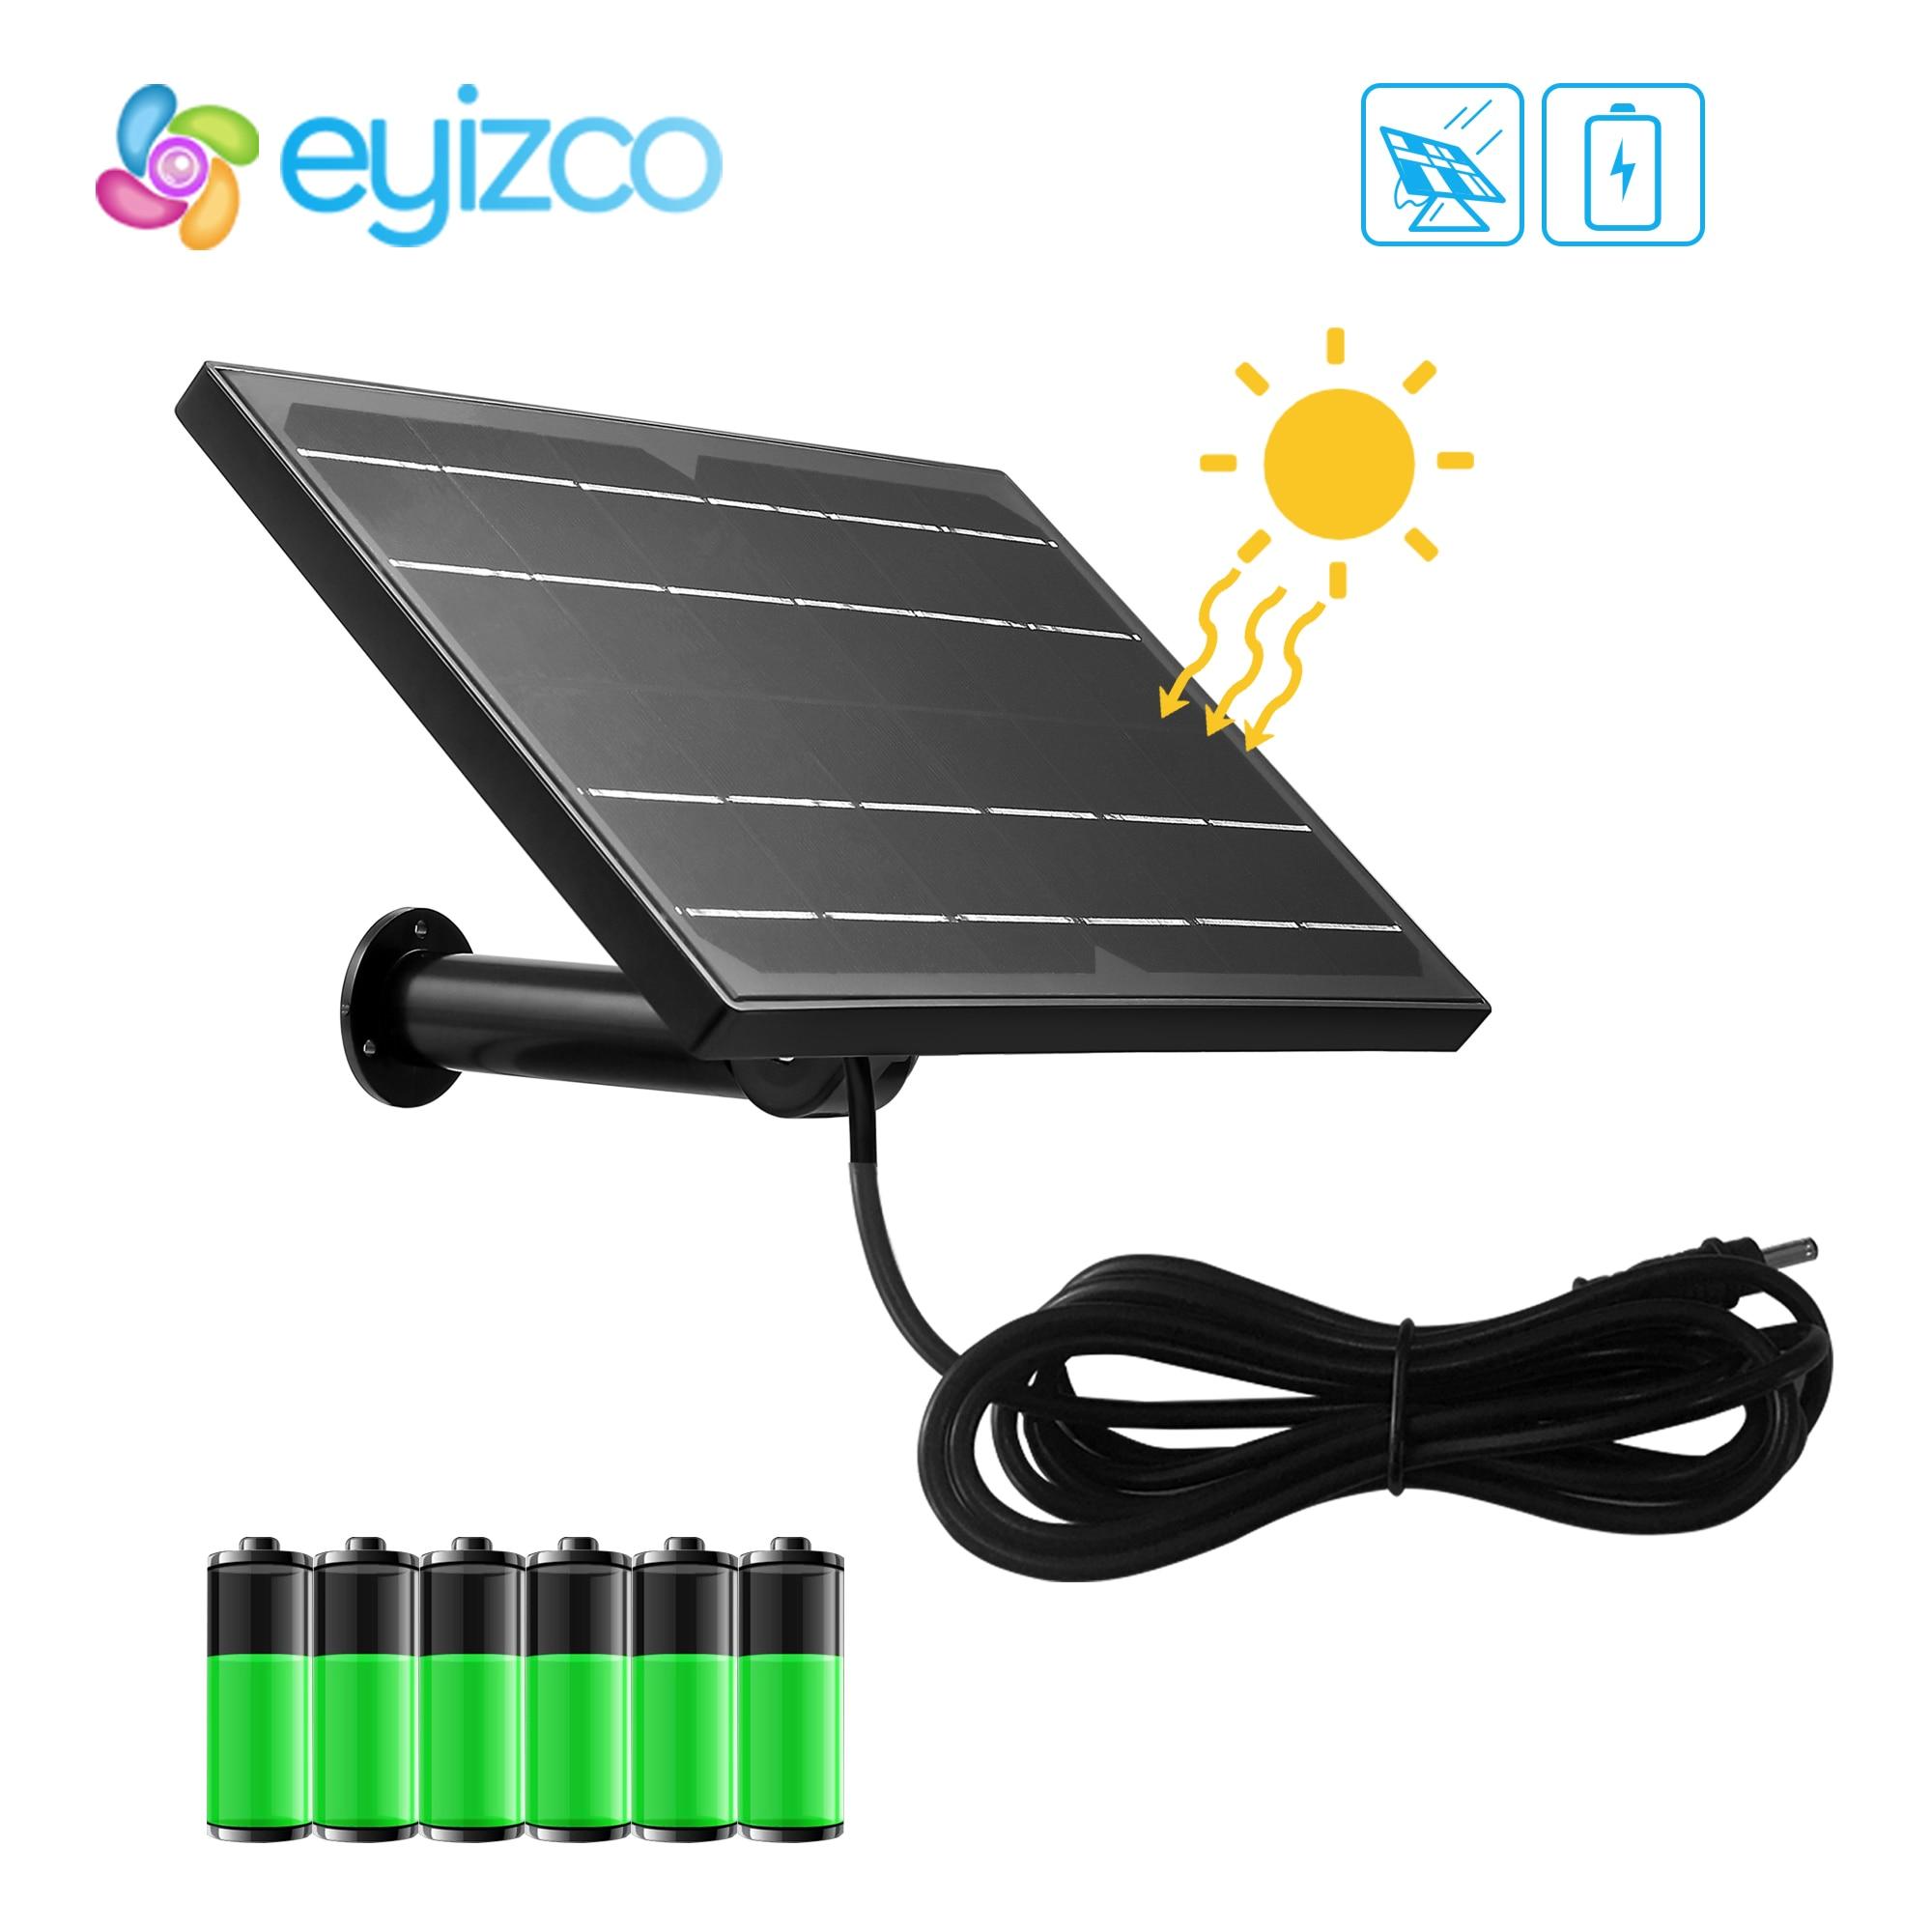 Черная миниатюрная солнечная панель 8 Вт с питанием от IP-Камеры, Wi-Fi, 18650 аккумуляторов, уличное водонепроницаемое зарядное устройство от USB, 5 В, 12 В, 2 А, роутер